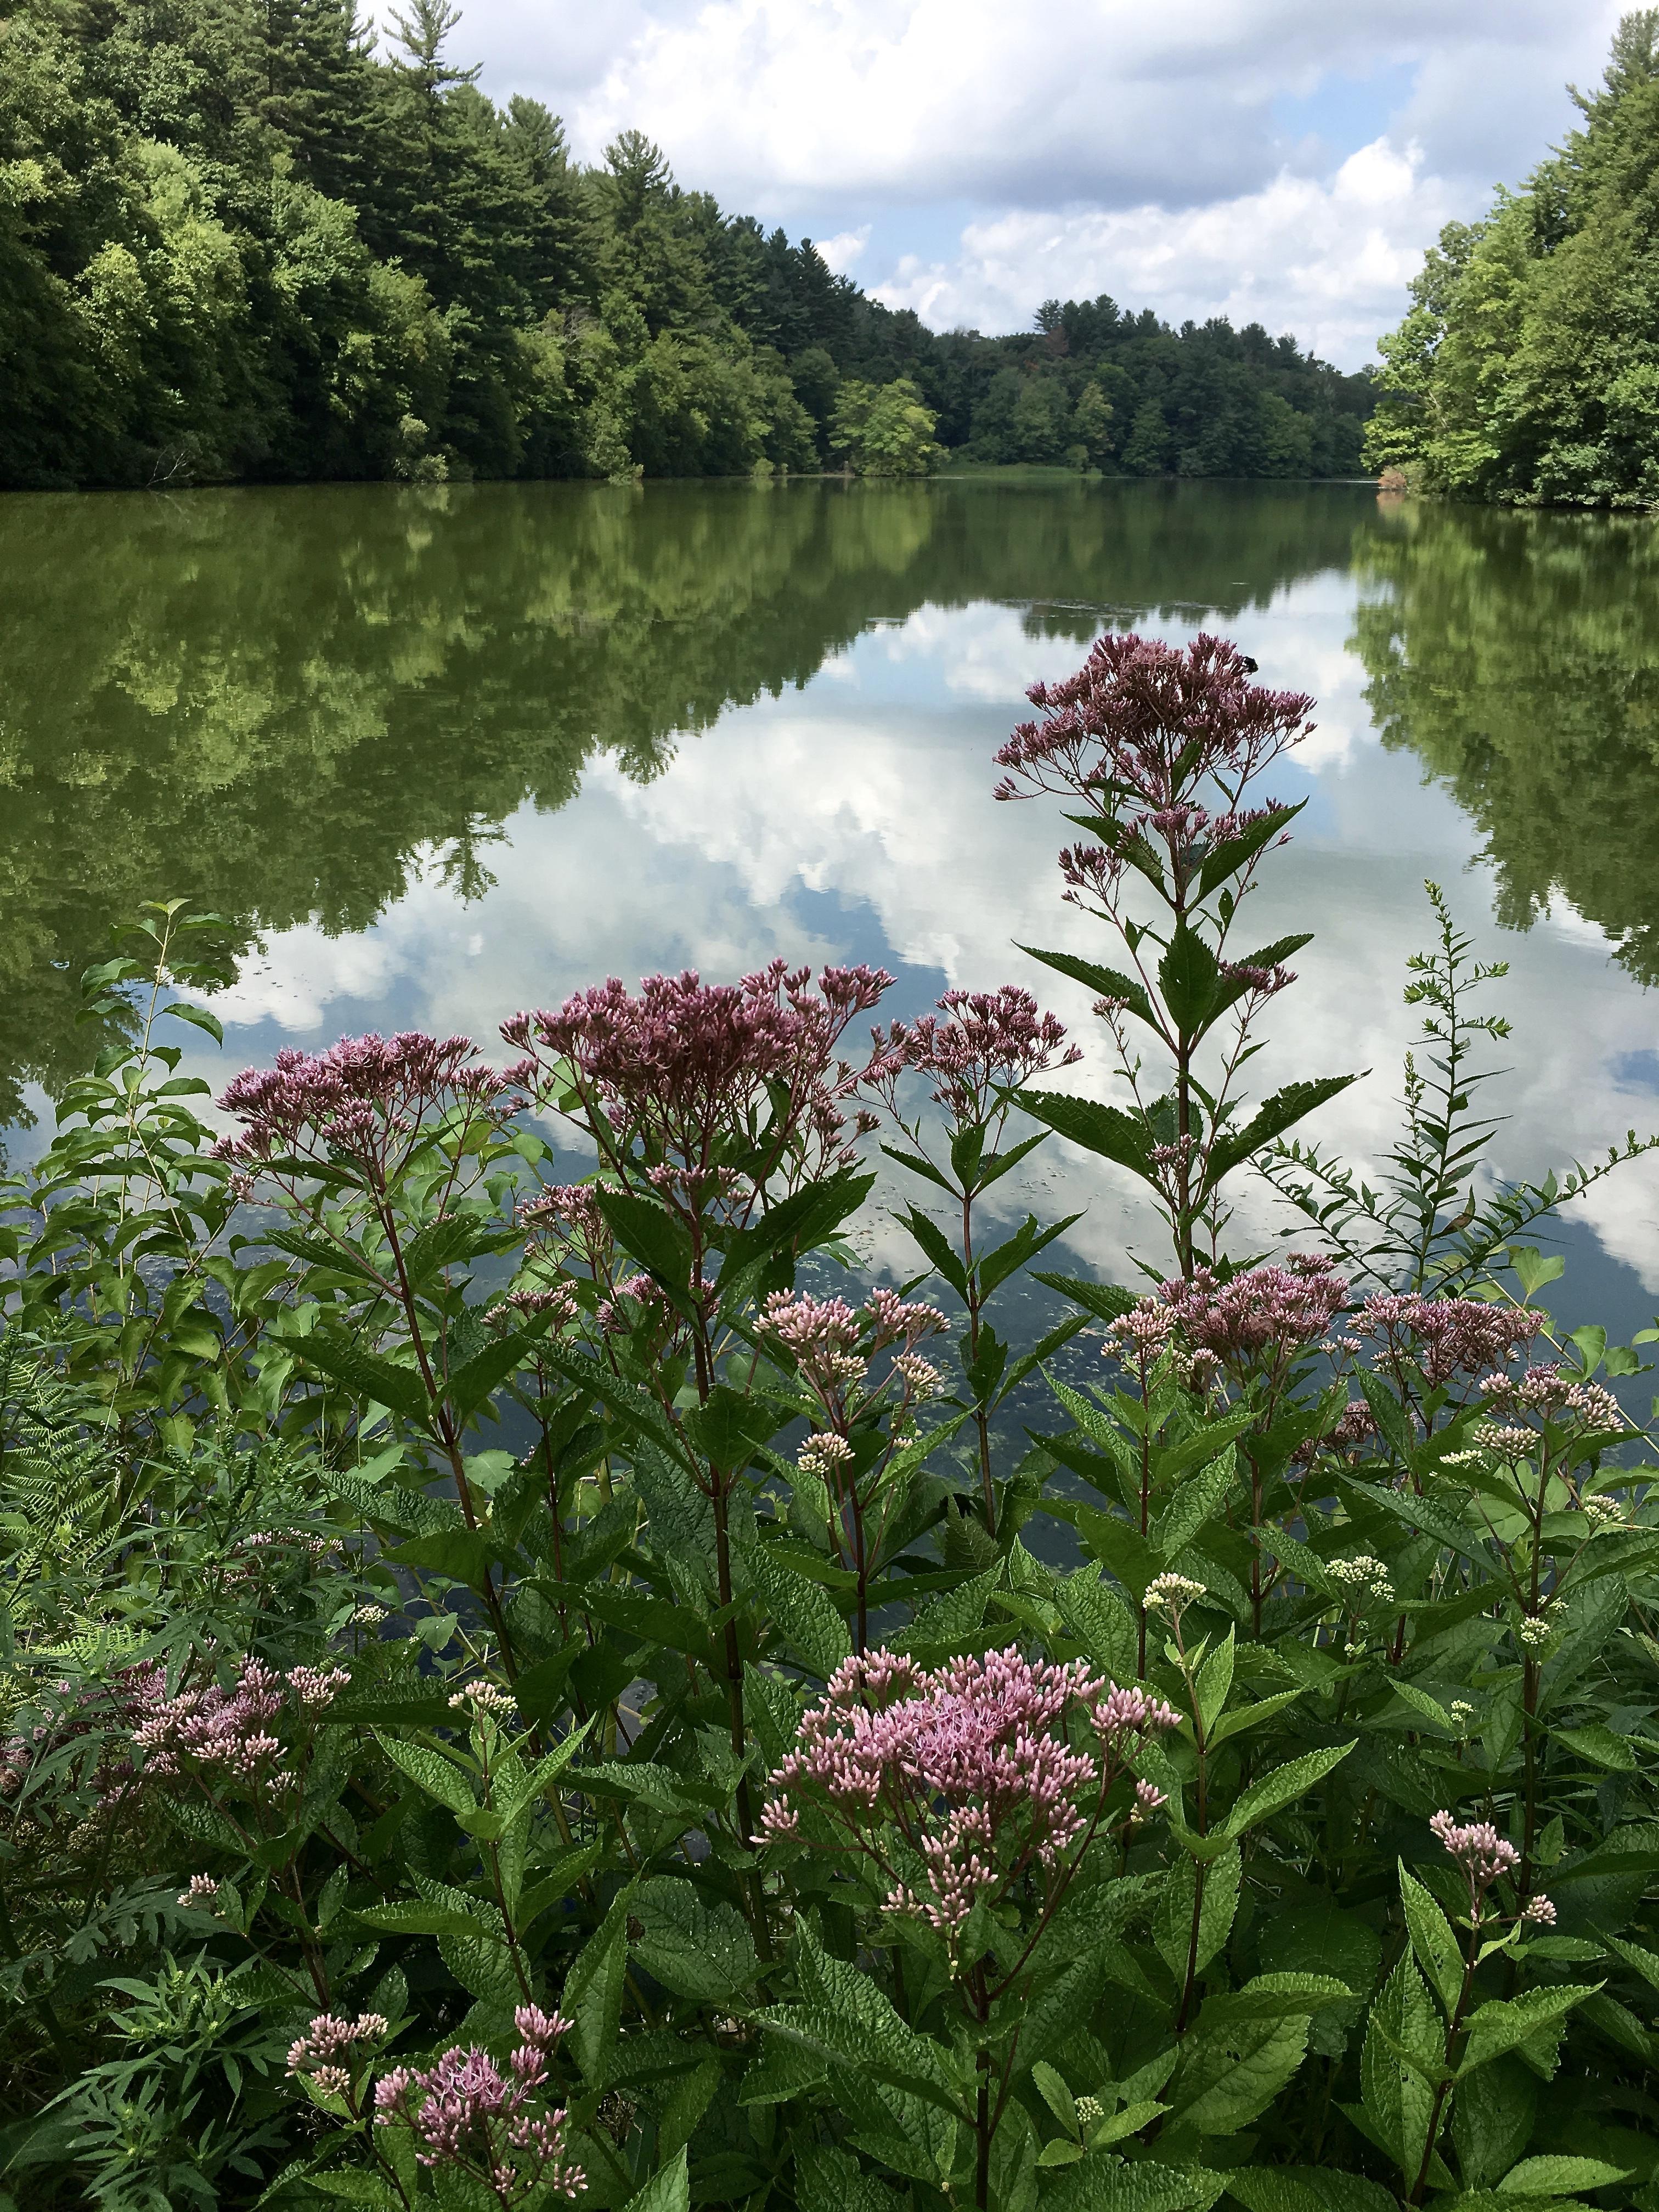 flora at the lake